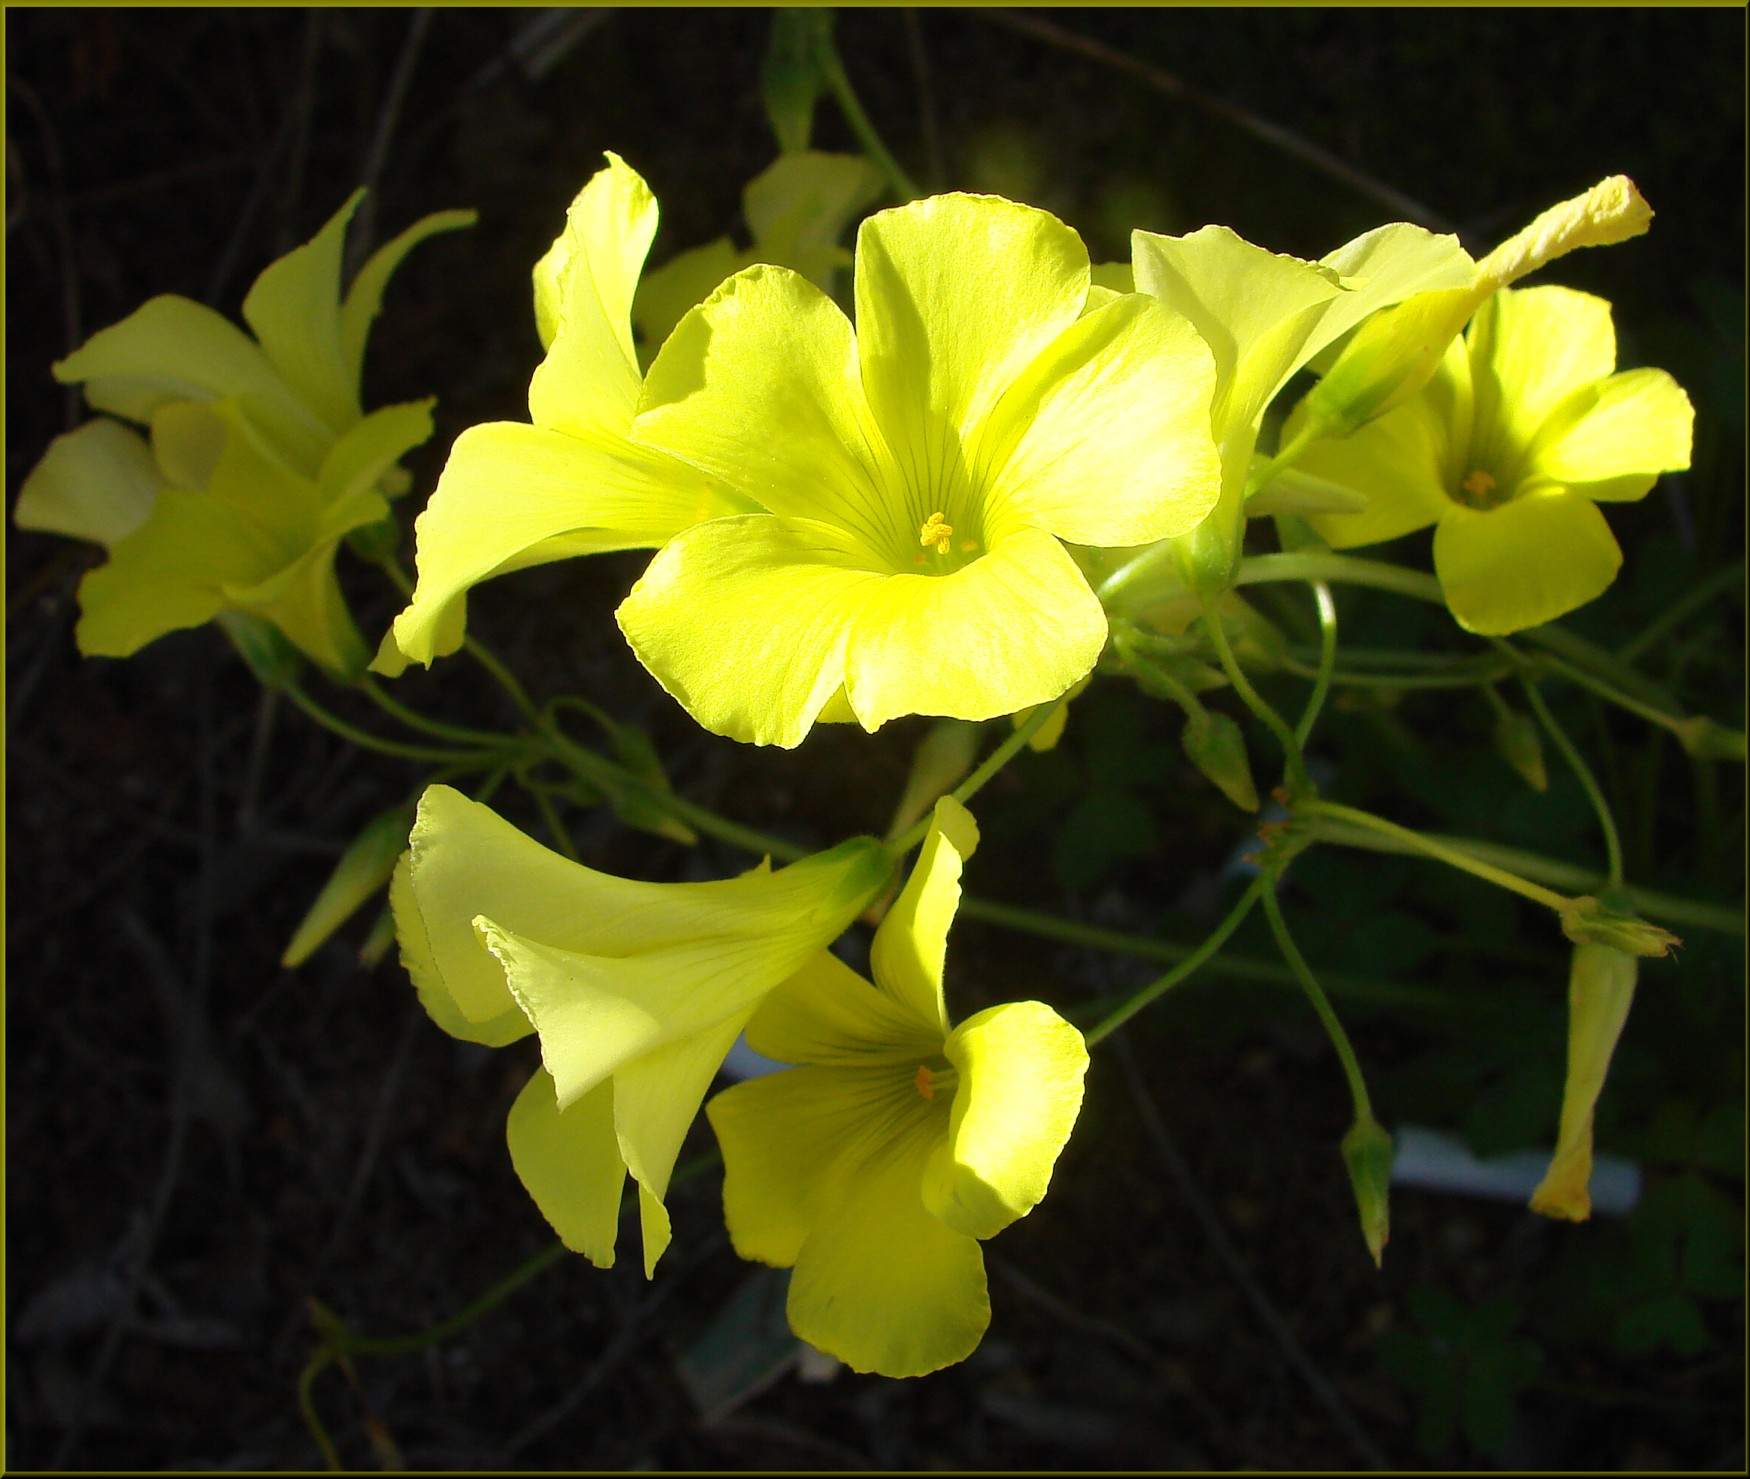 Fileyellow Clover Flower Home 3 10 13 8551524593g Wikimedia